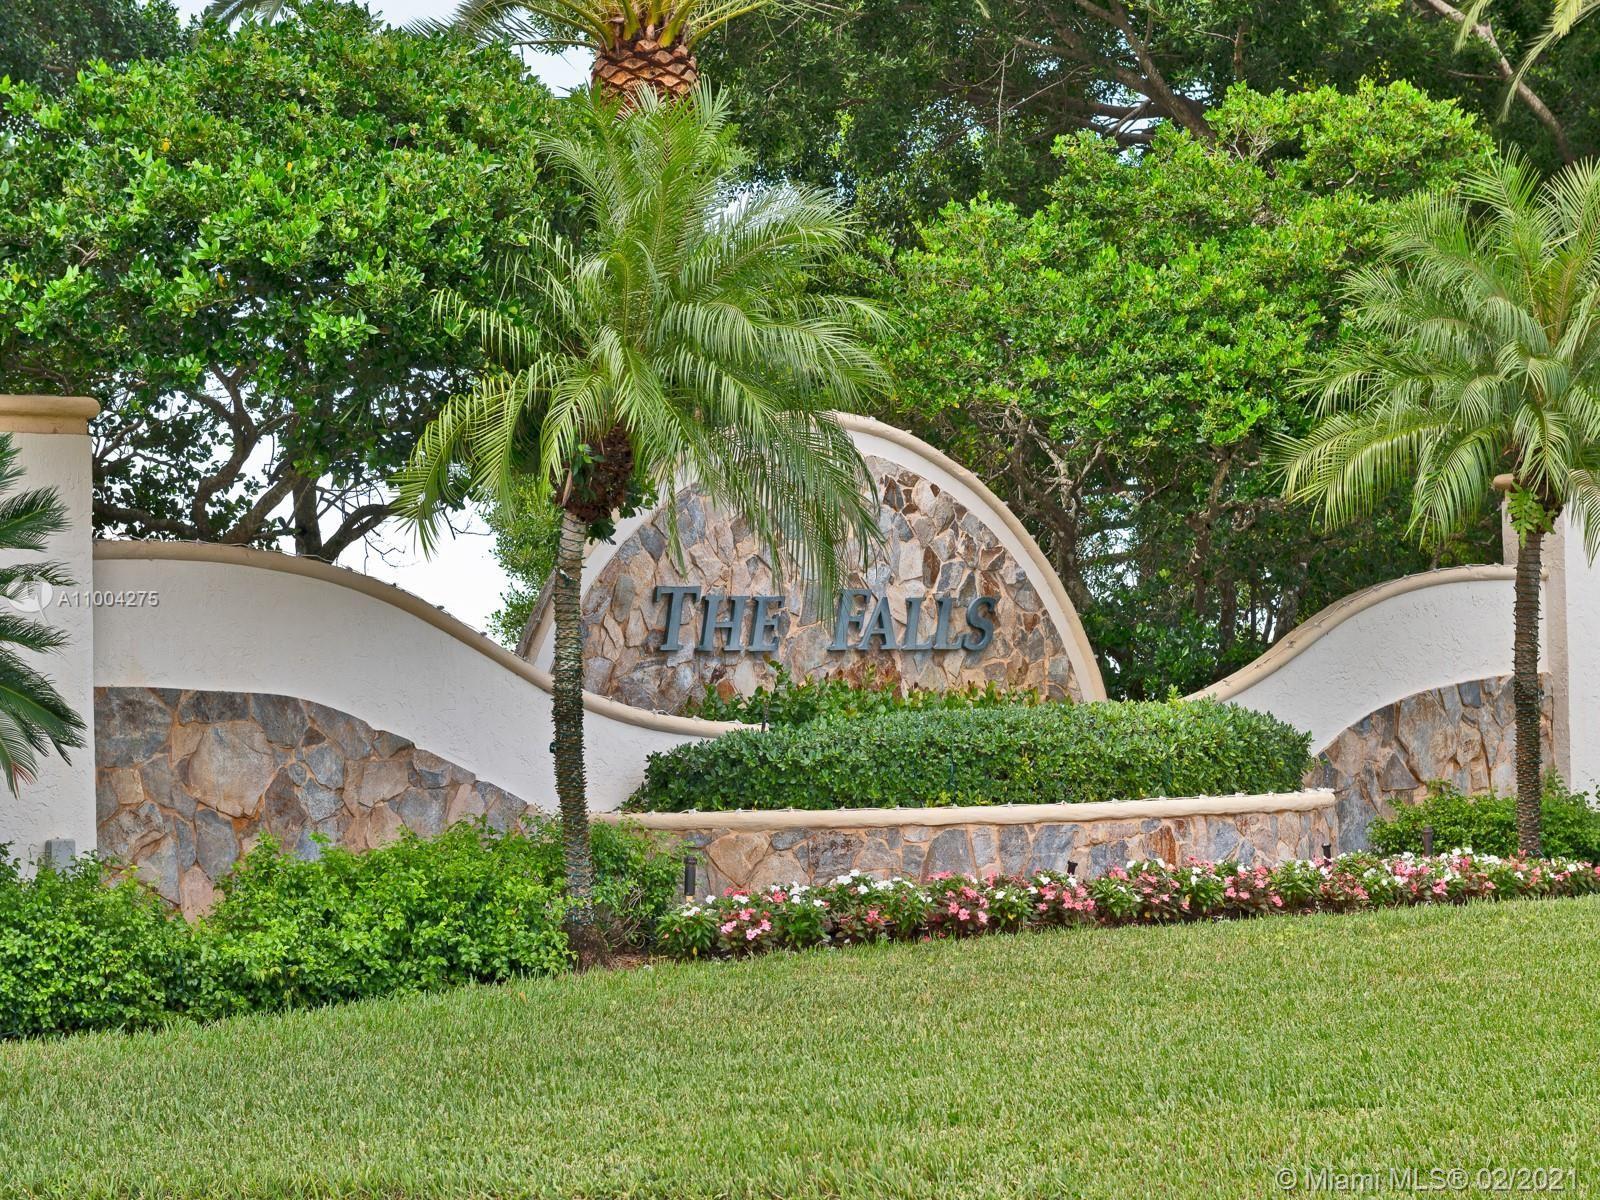 840 Savannah Falls Dr, Weston, FL 33327 - #: A11004275